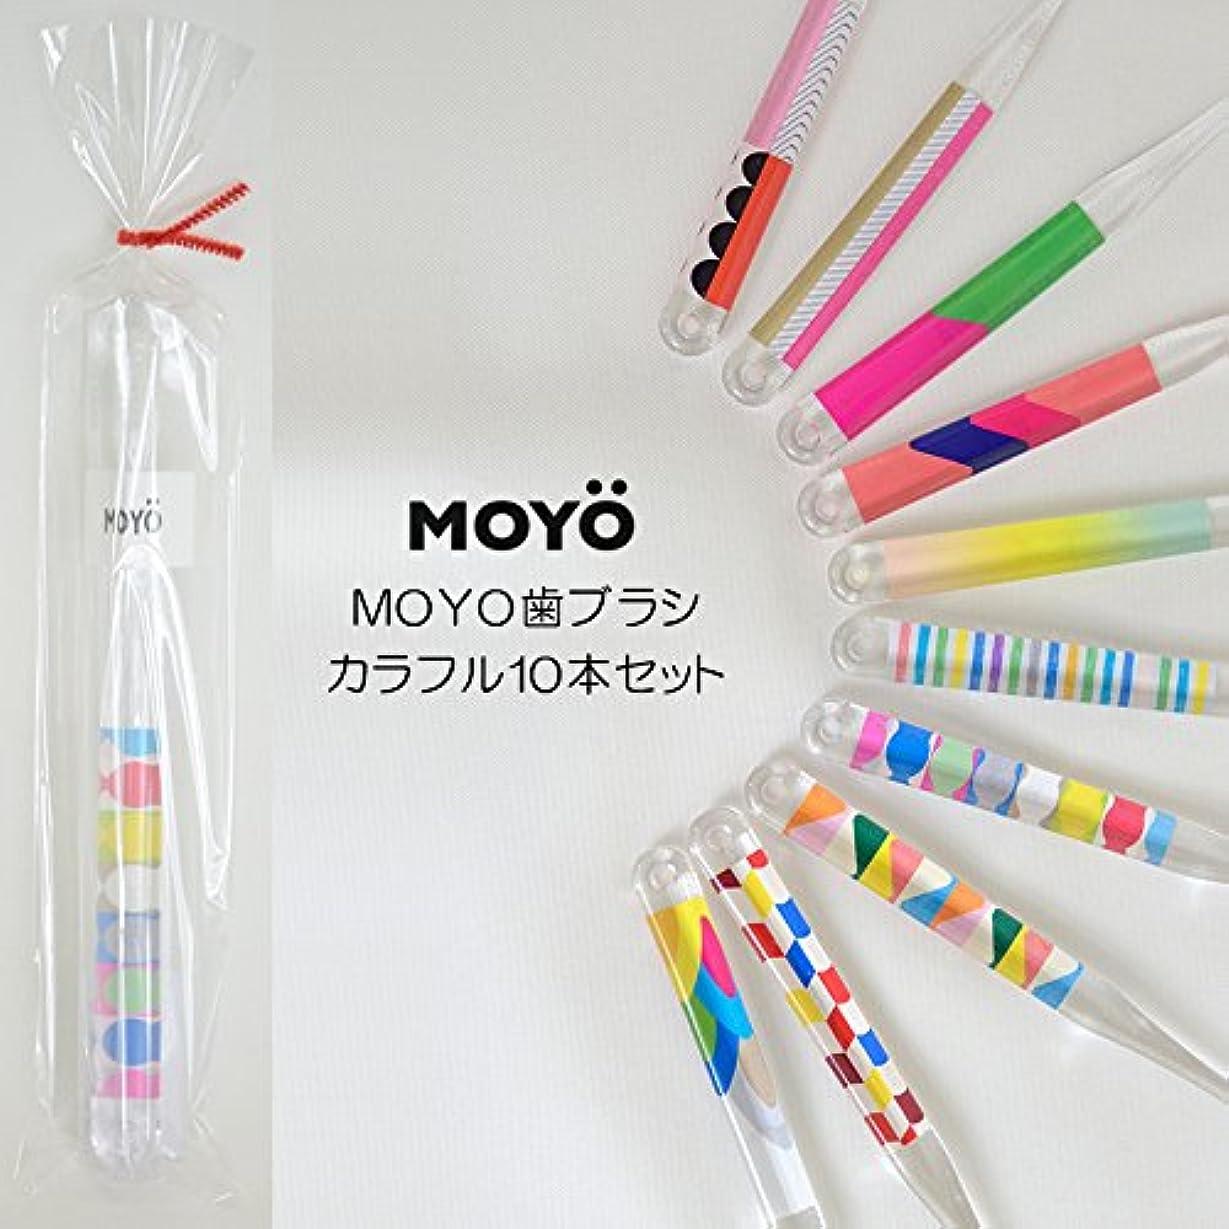 母音企業手伝うMOYO モヨウ カラフル10本 プチ ギフト セット_562302-colorful 【F】,カラフル10本セット